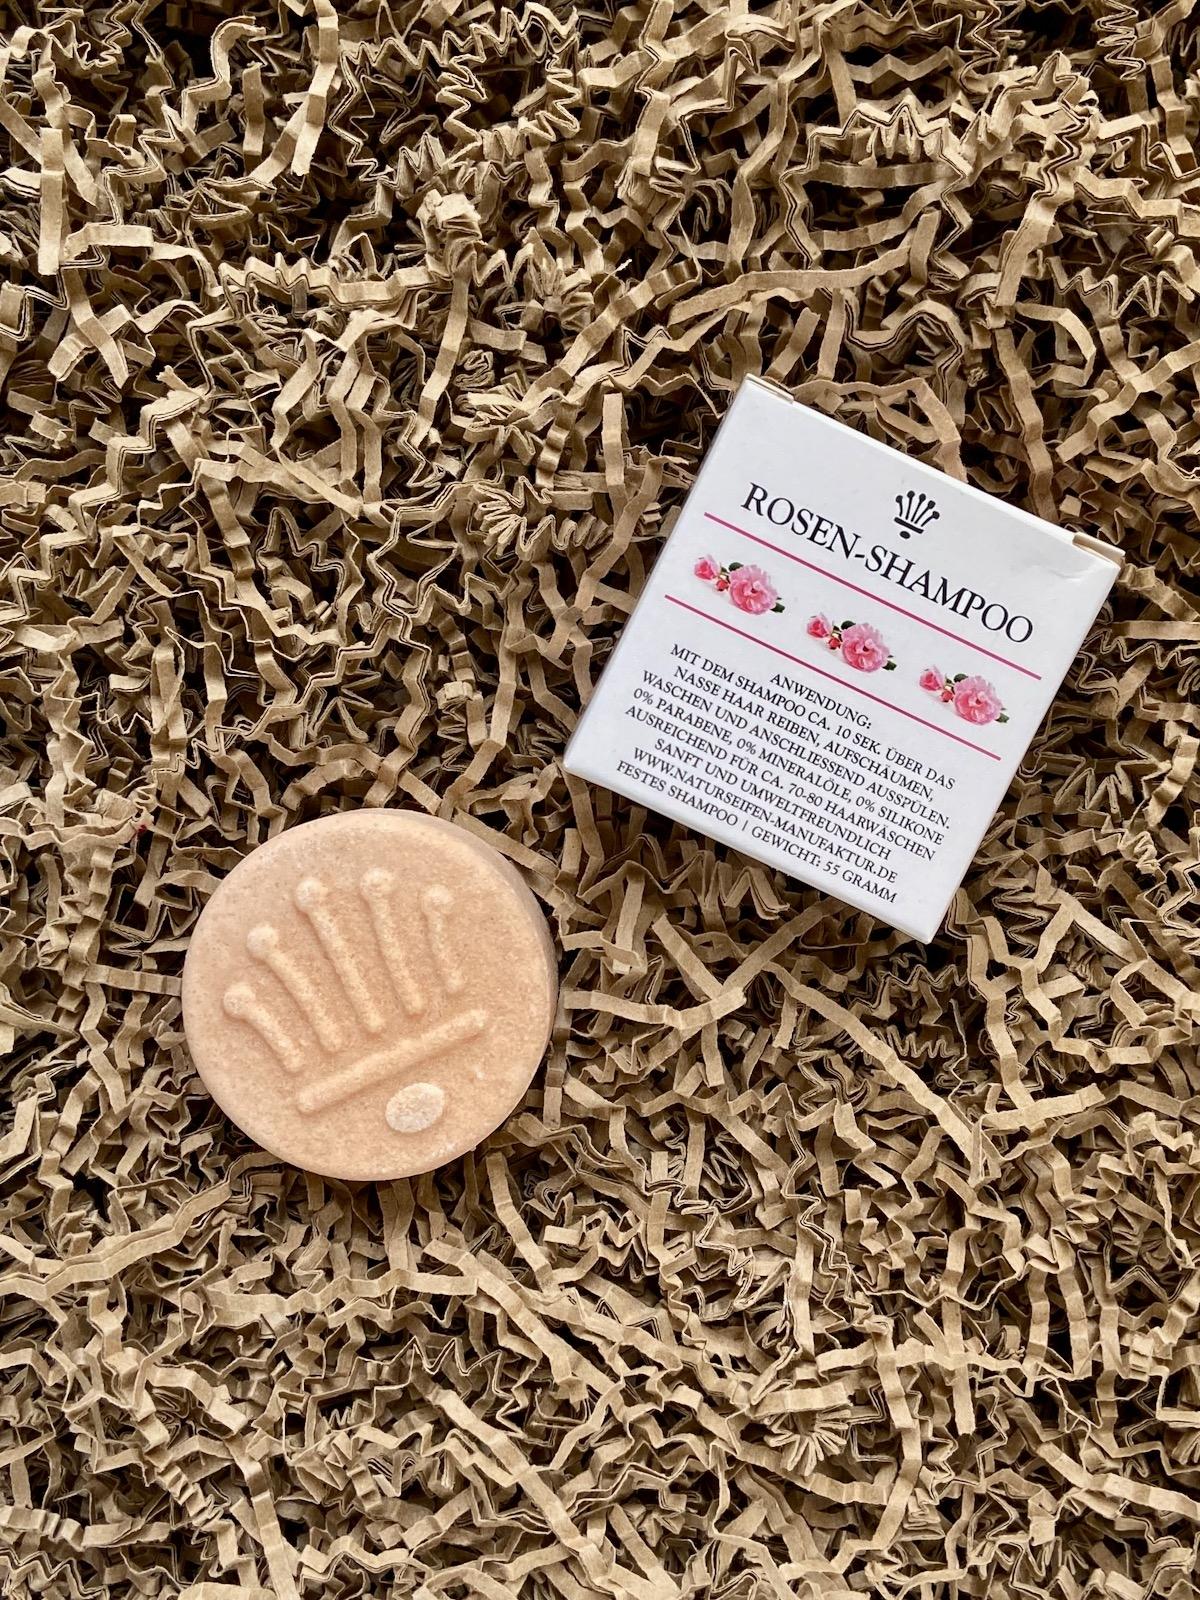 Naturseifen Manufaktur Uckermark Rosen-Shampoo